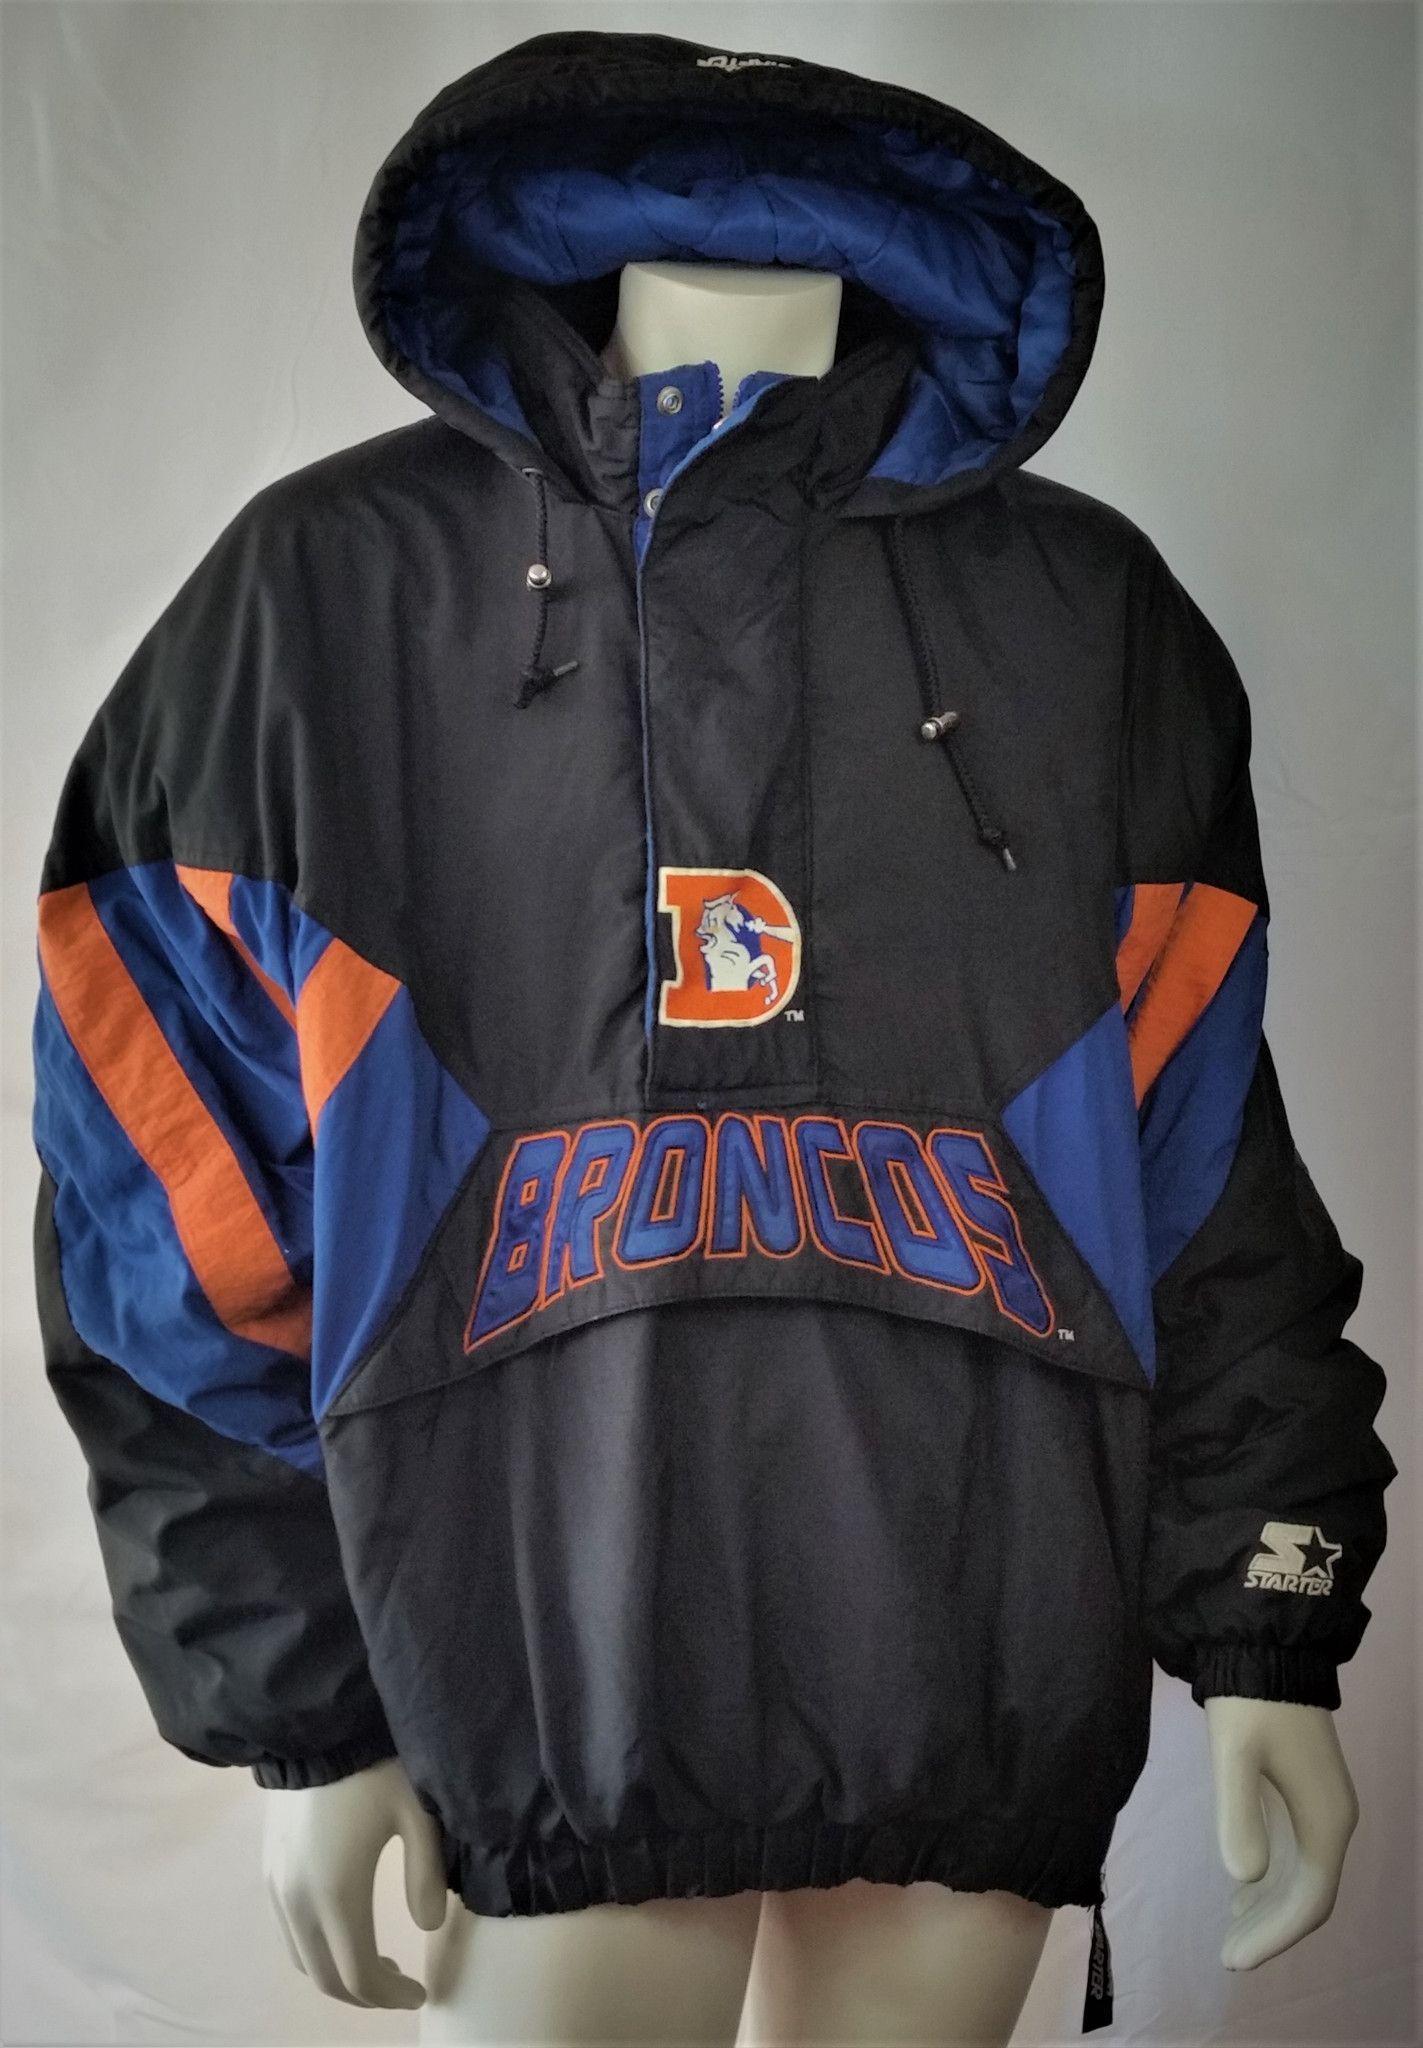 new style 688d1 8105e Denver Broncos Vintage Starter Jacket NFL Pro Line Pullover ...